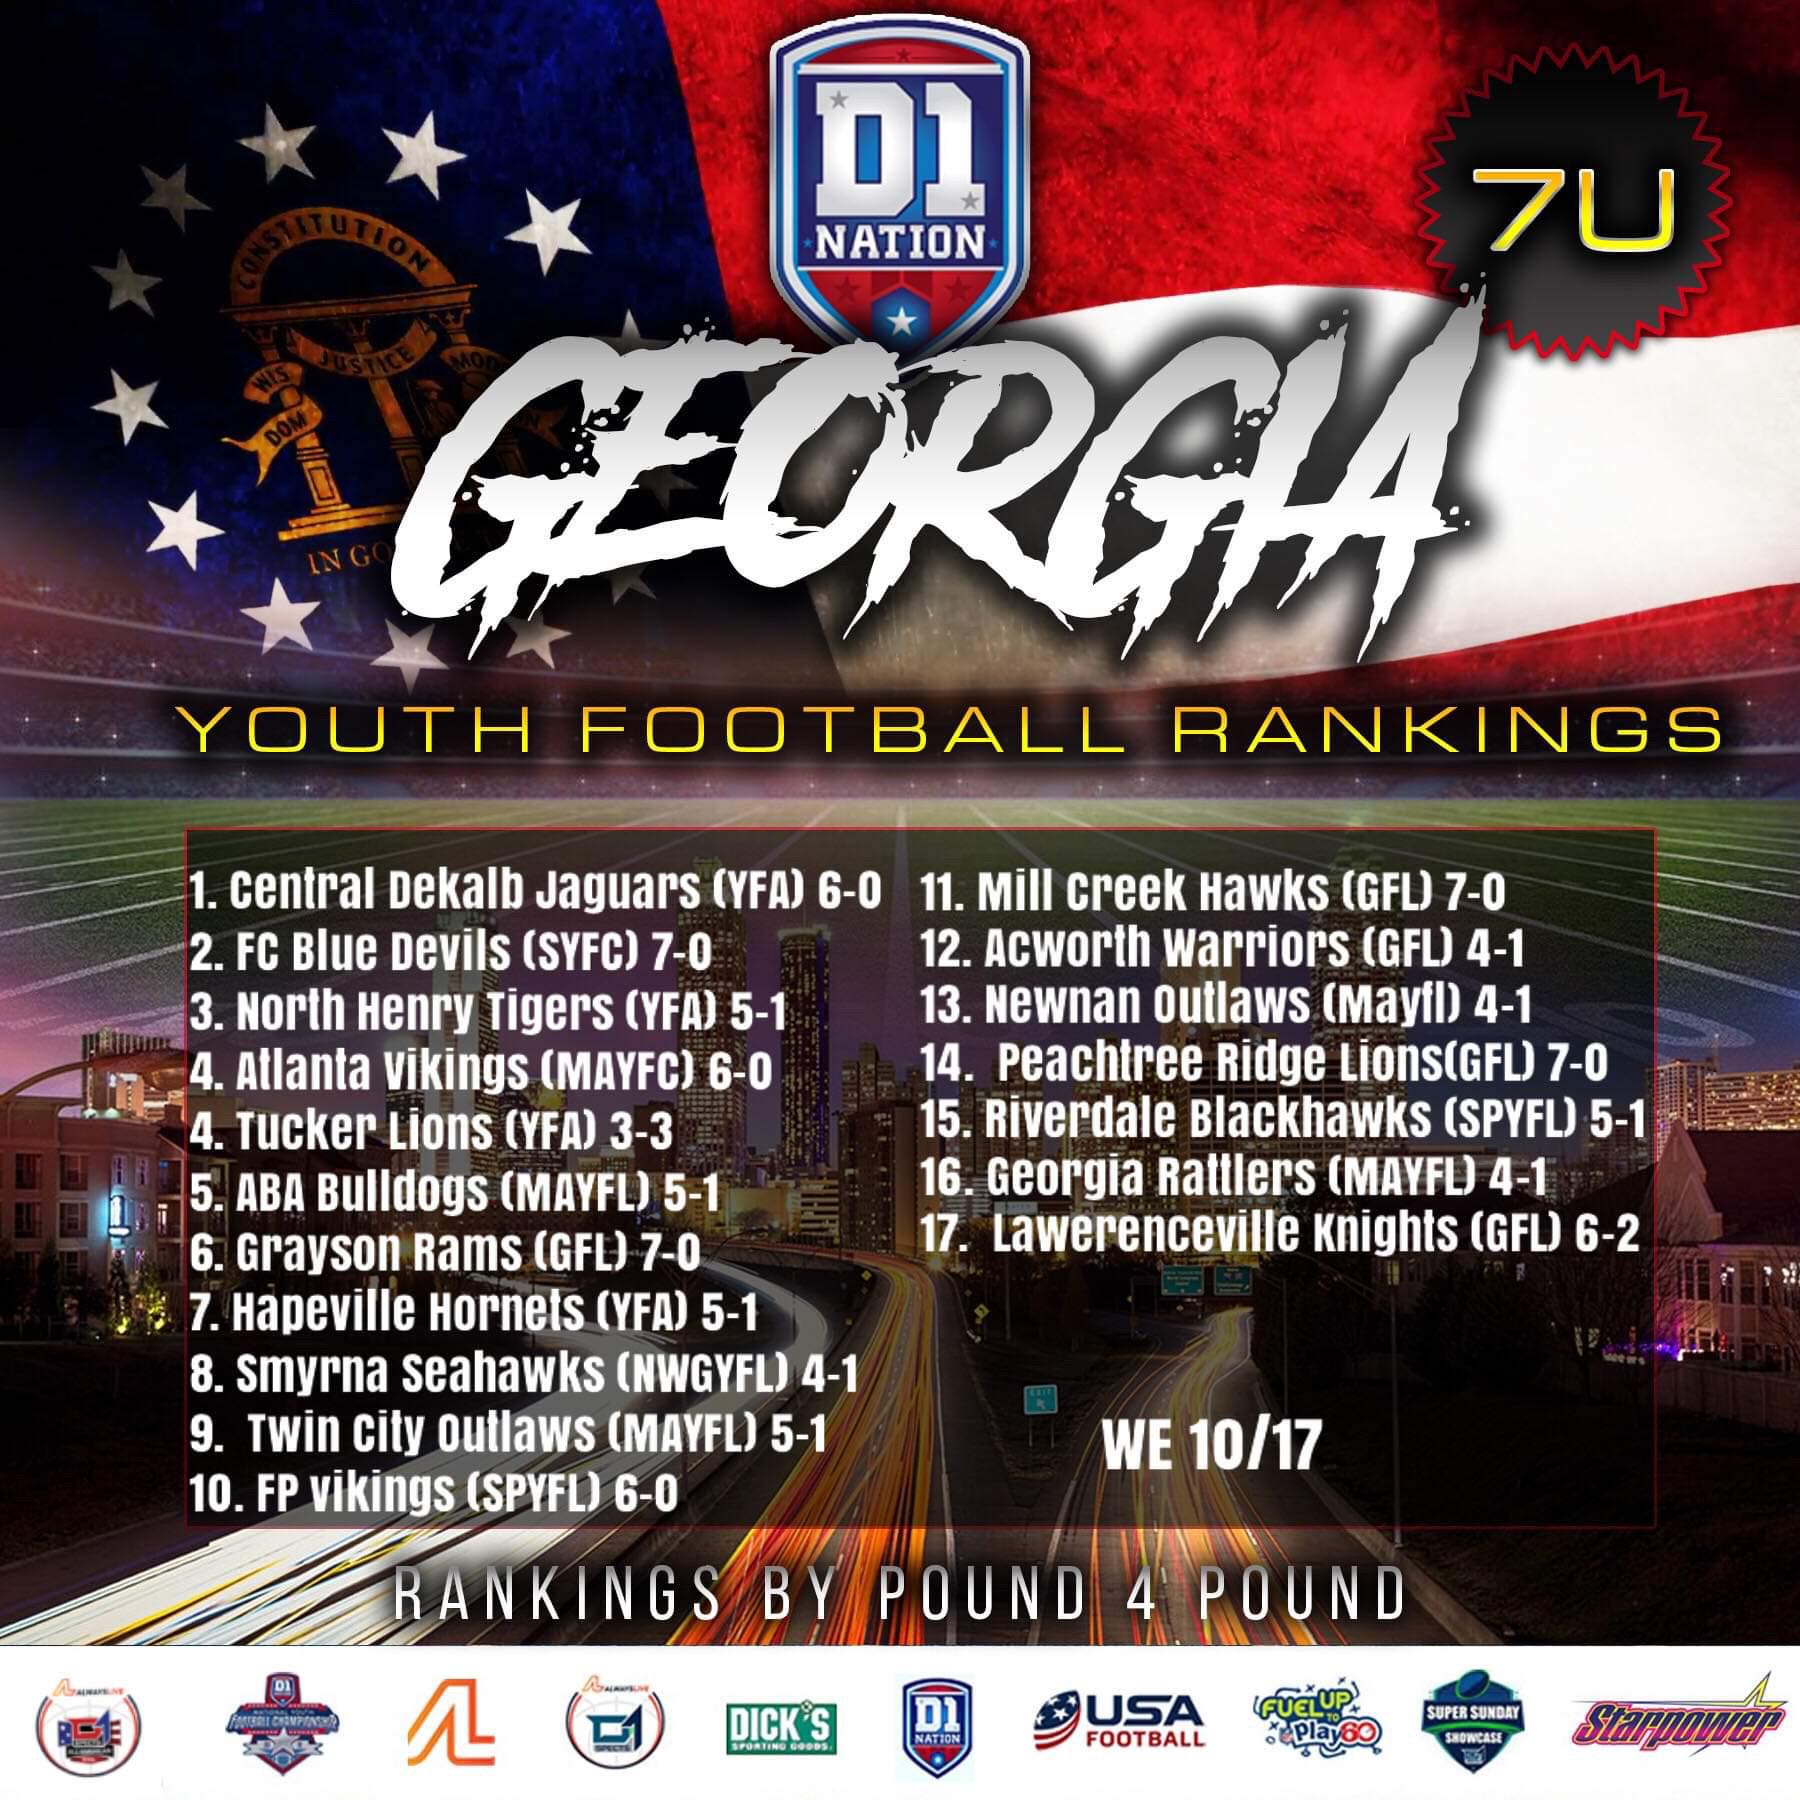 Update 10/21/2019: Georgia Youth Football Rankings – 7U